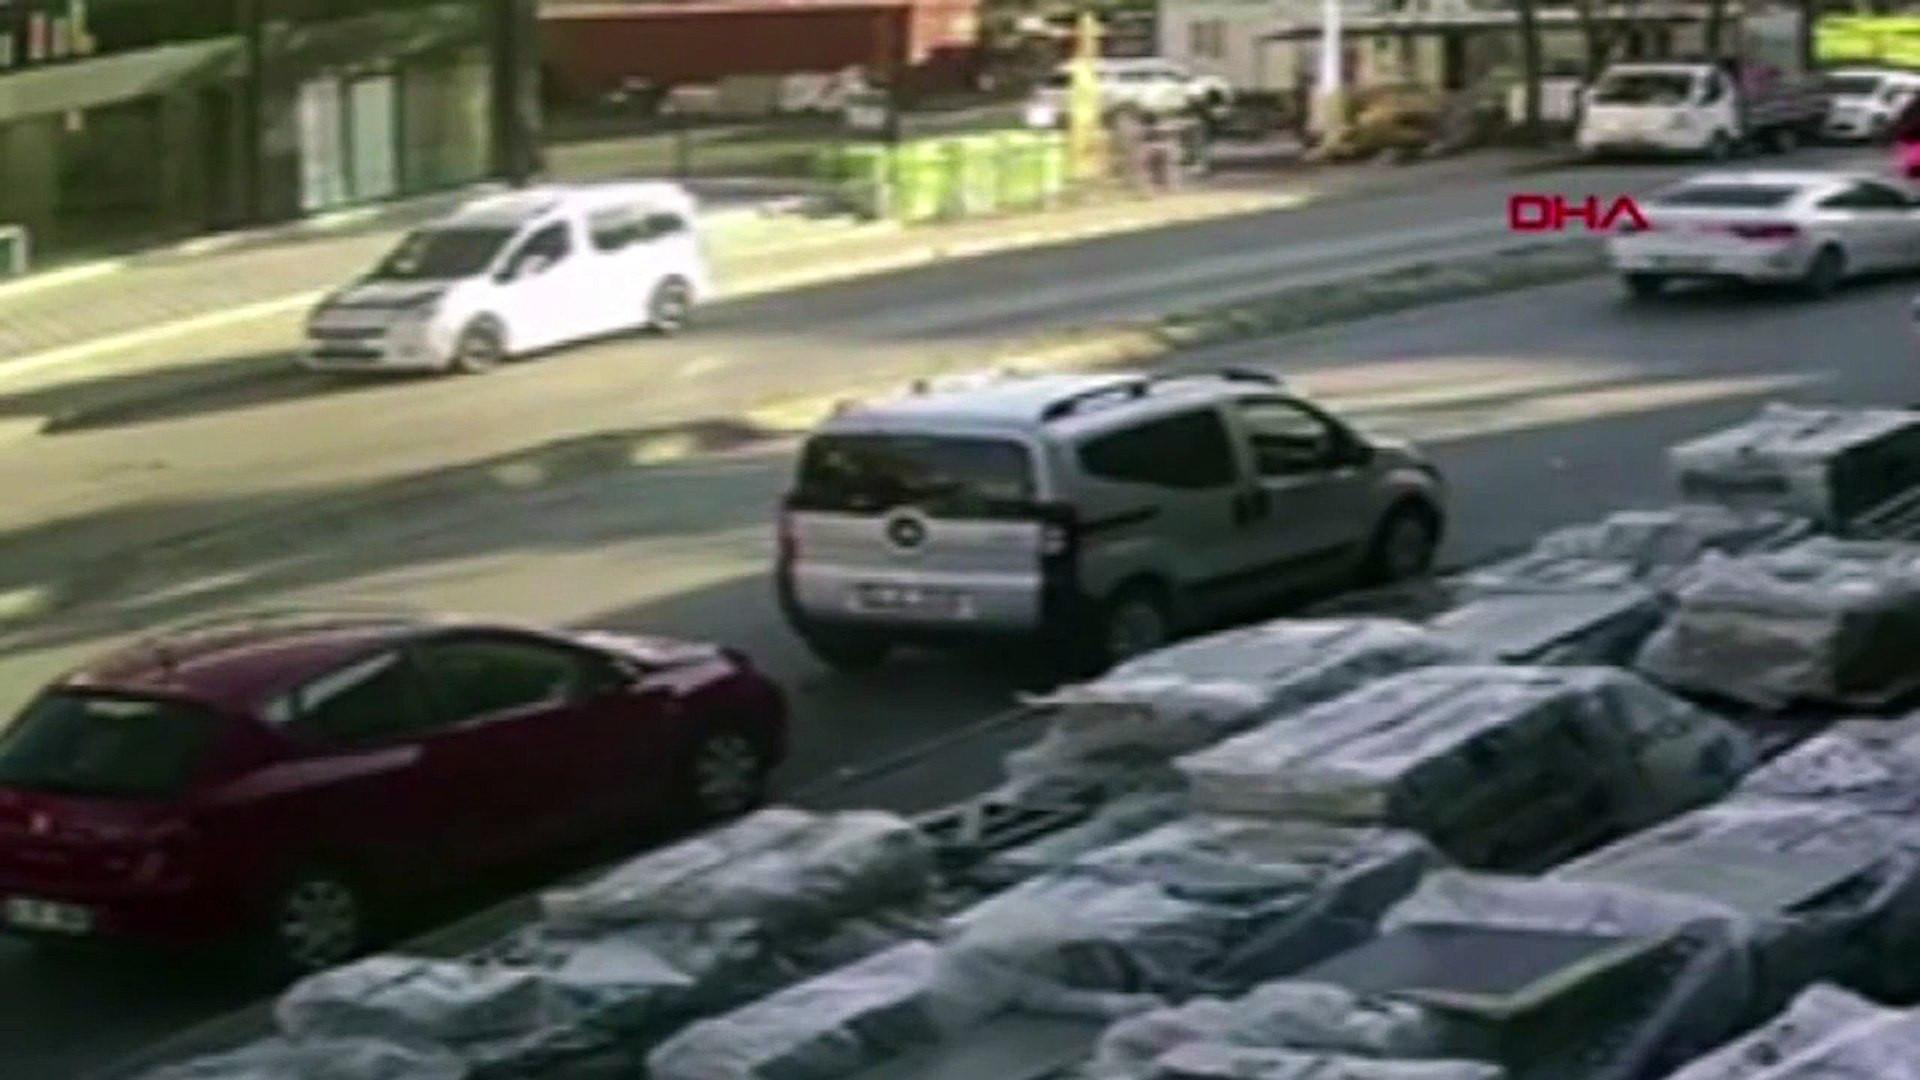 Scooter kullanan kadının ölümüne neden olan sürücü tutuklandı